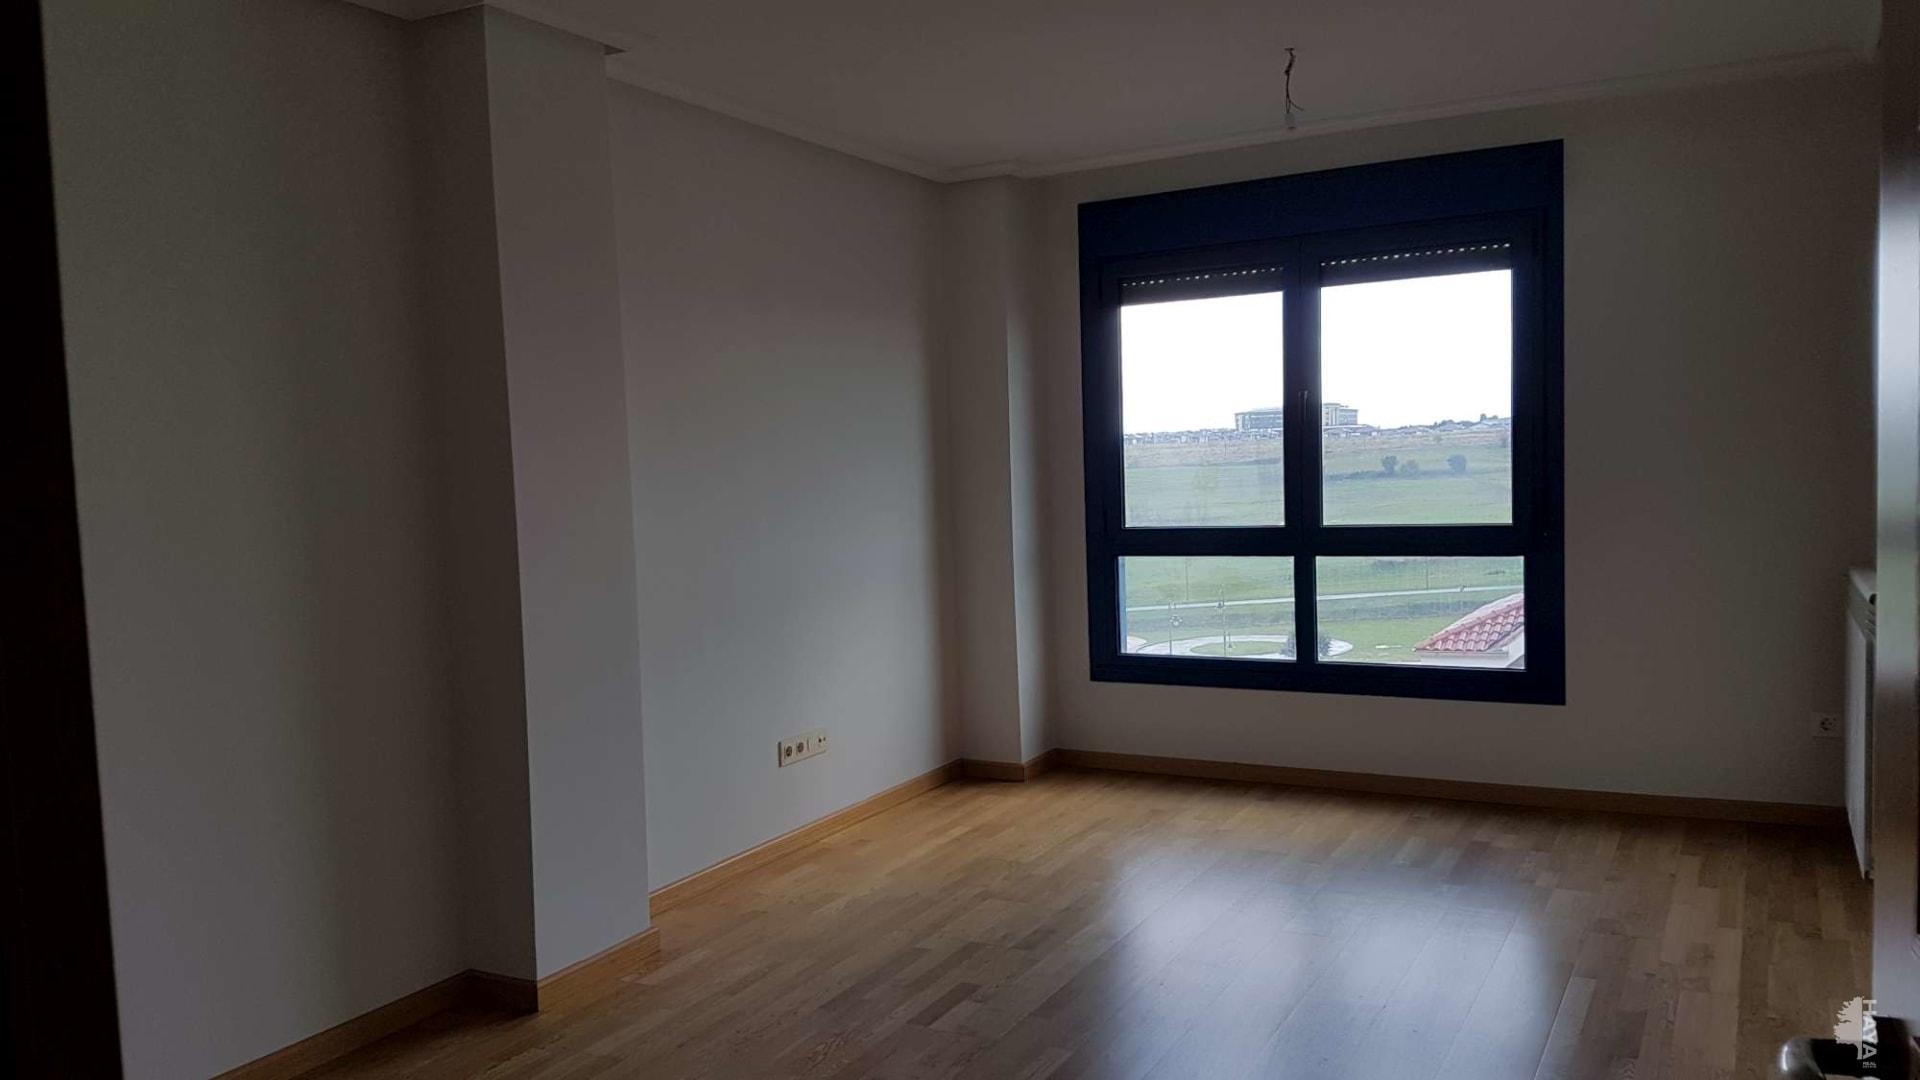 Piso en venta en Favila, Corvera de Asturias, Asturias, Pasaje Manzano Del, 84.000 €, 2 habitaciones, 1 baño, 72 m2